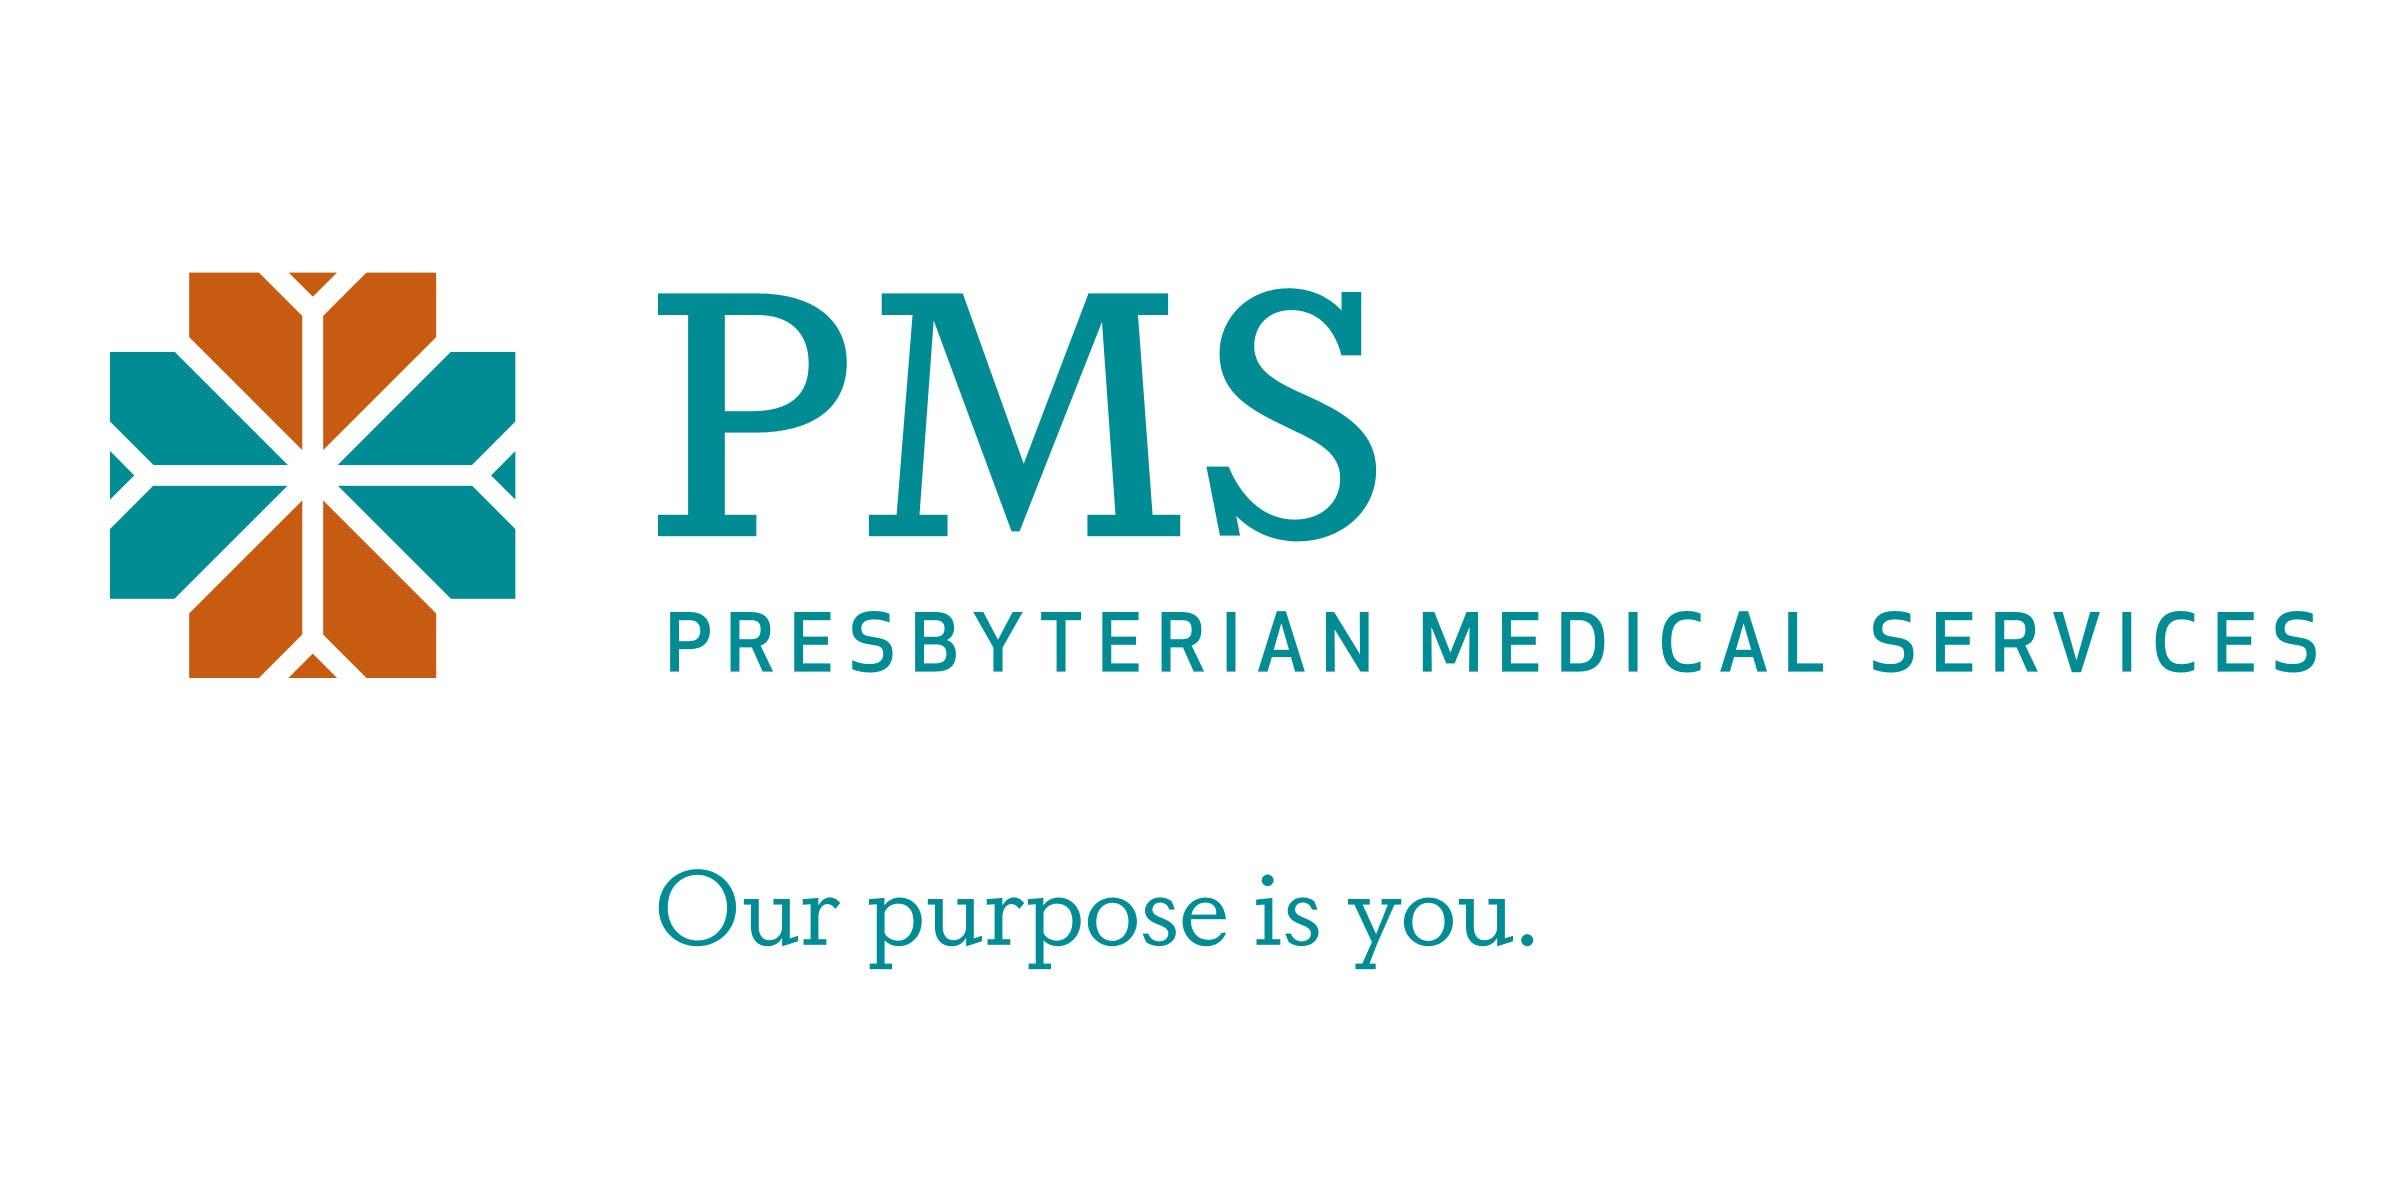 Presbyterian Medical Services